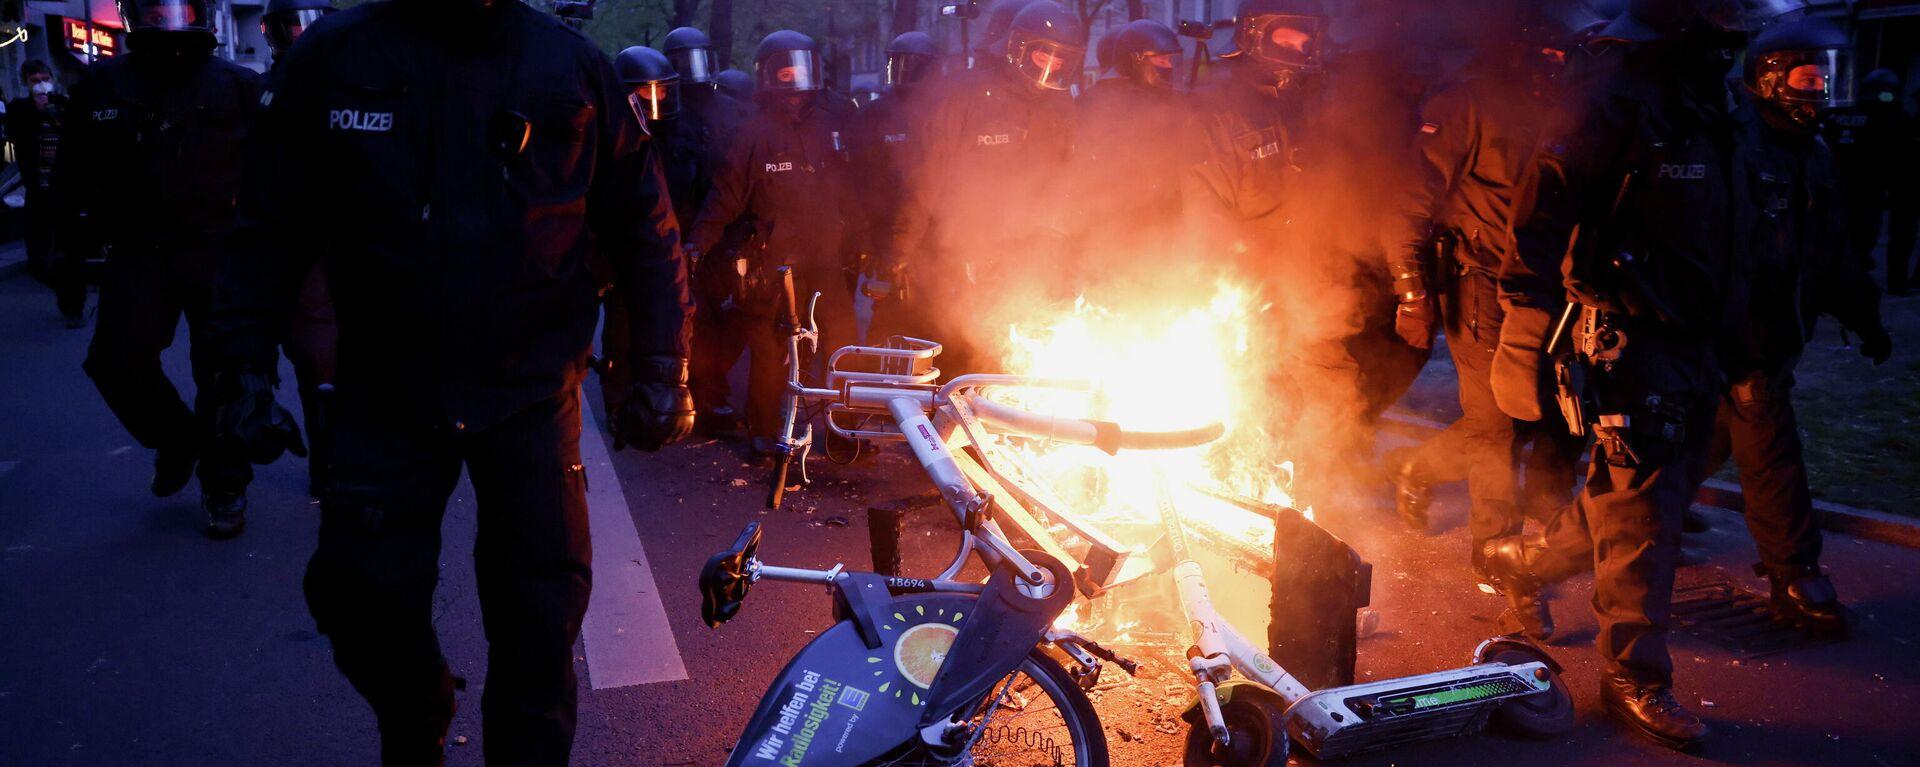 Heftige Auseinandersetzungen bei 1.Mai-Demo in Berlin - SNA, 1920, 01.05.2021